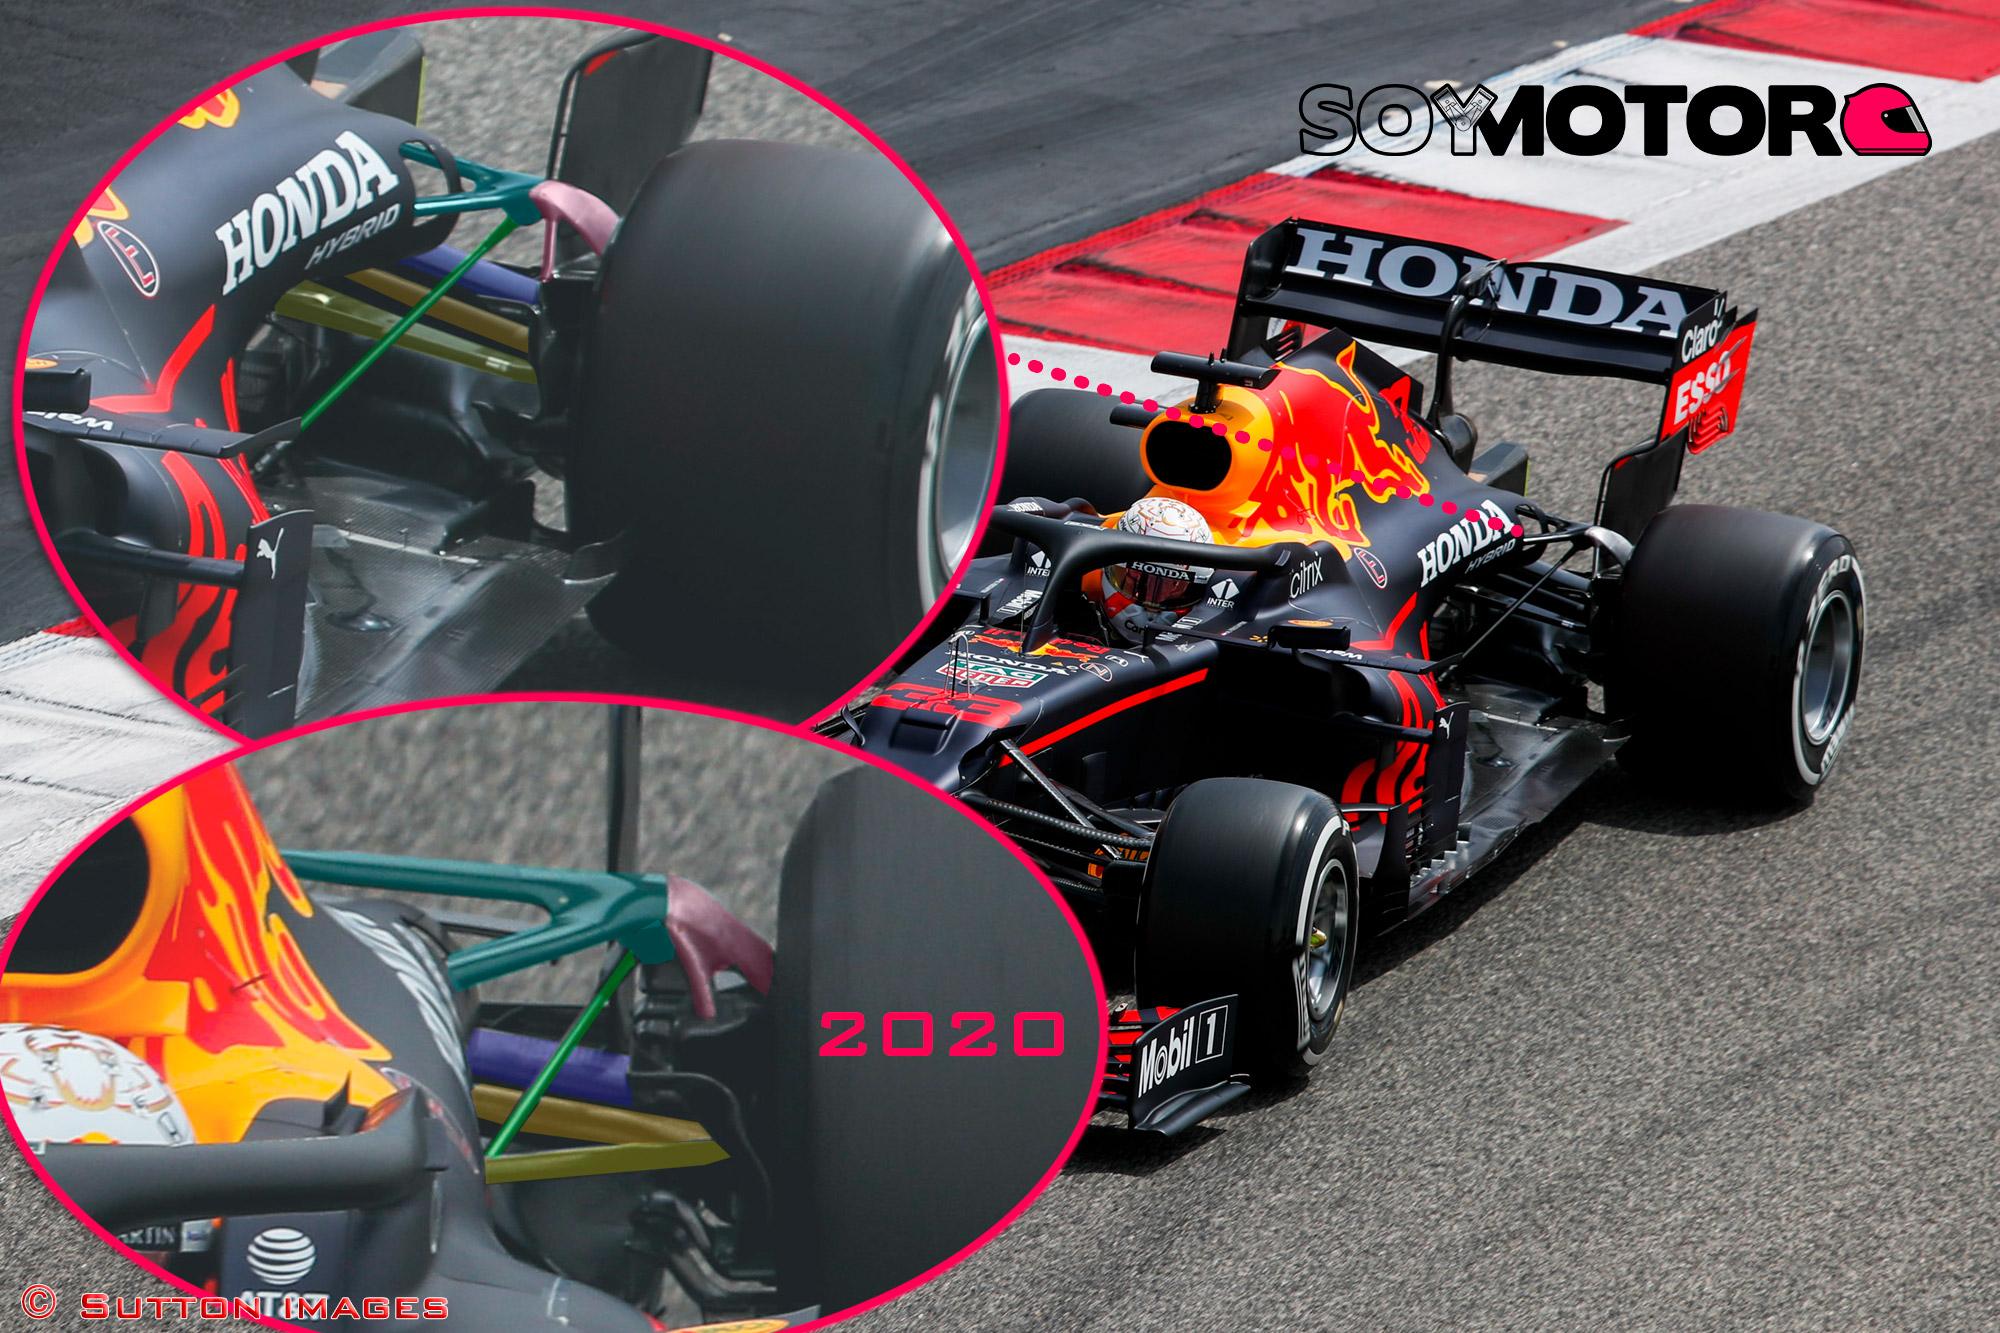 red-bull-suspension-trasera-soymotor_1.jpg